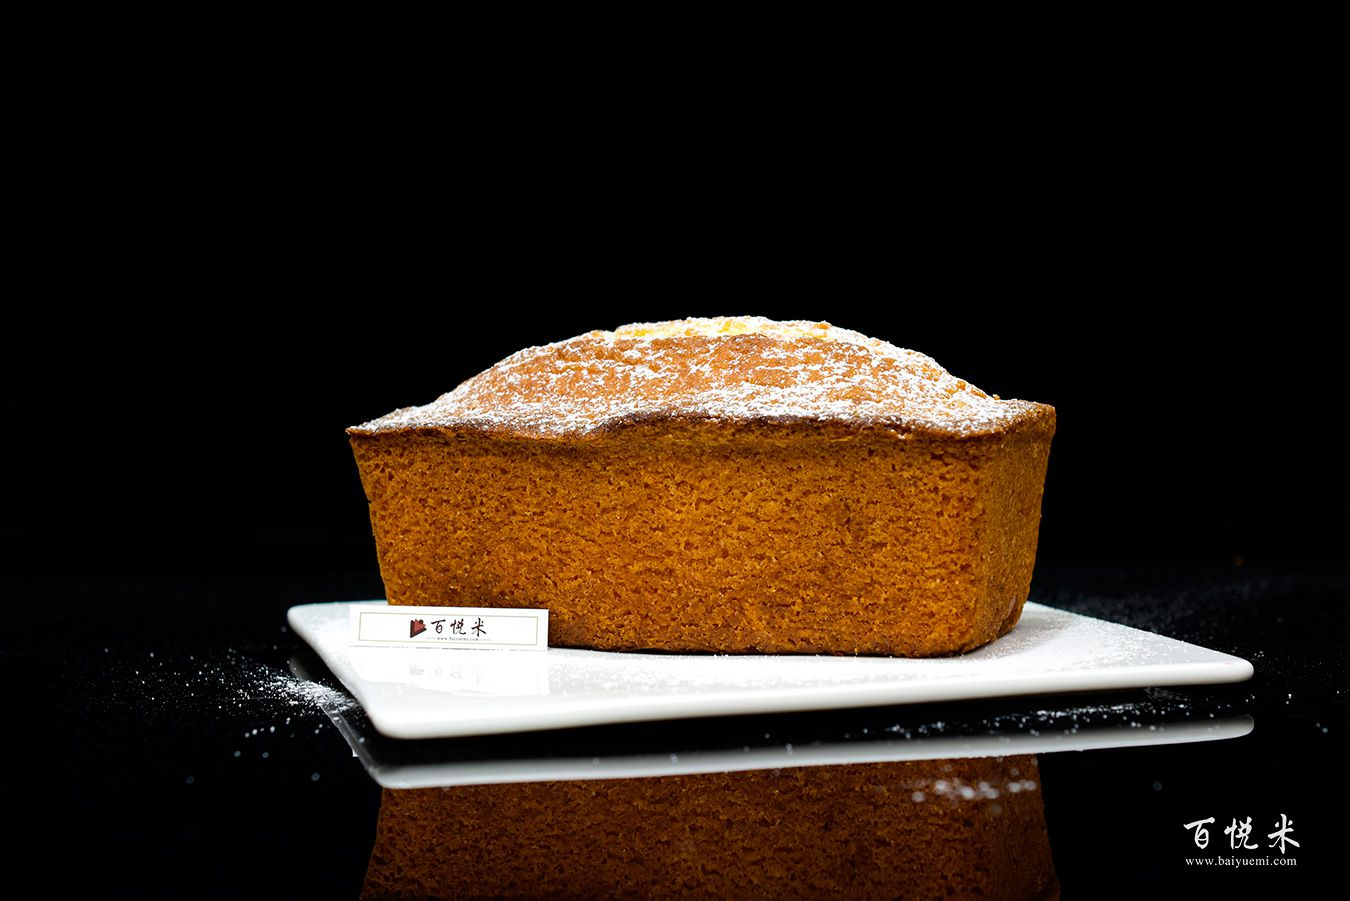 磅蛋糕的高清图片大全【蛋糕图片】_290